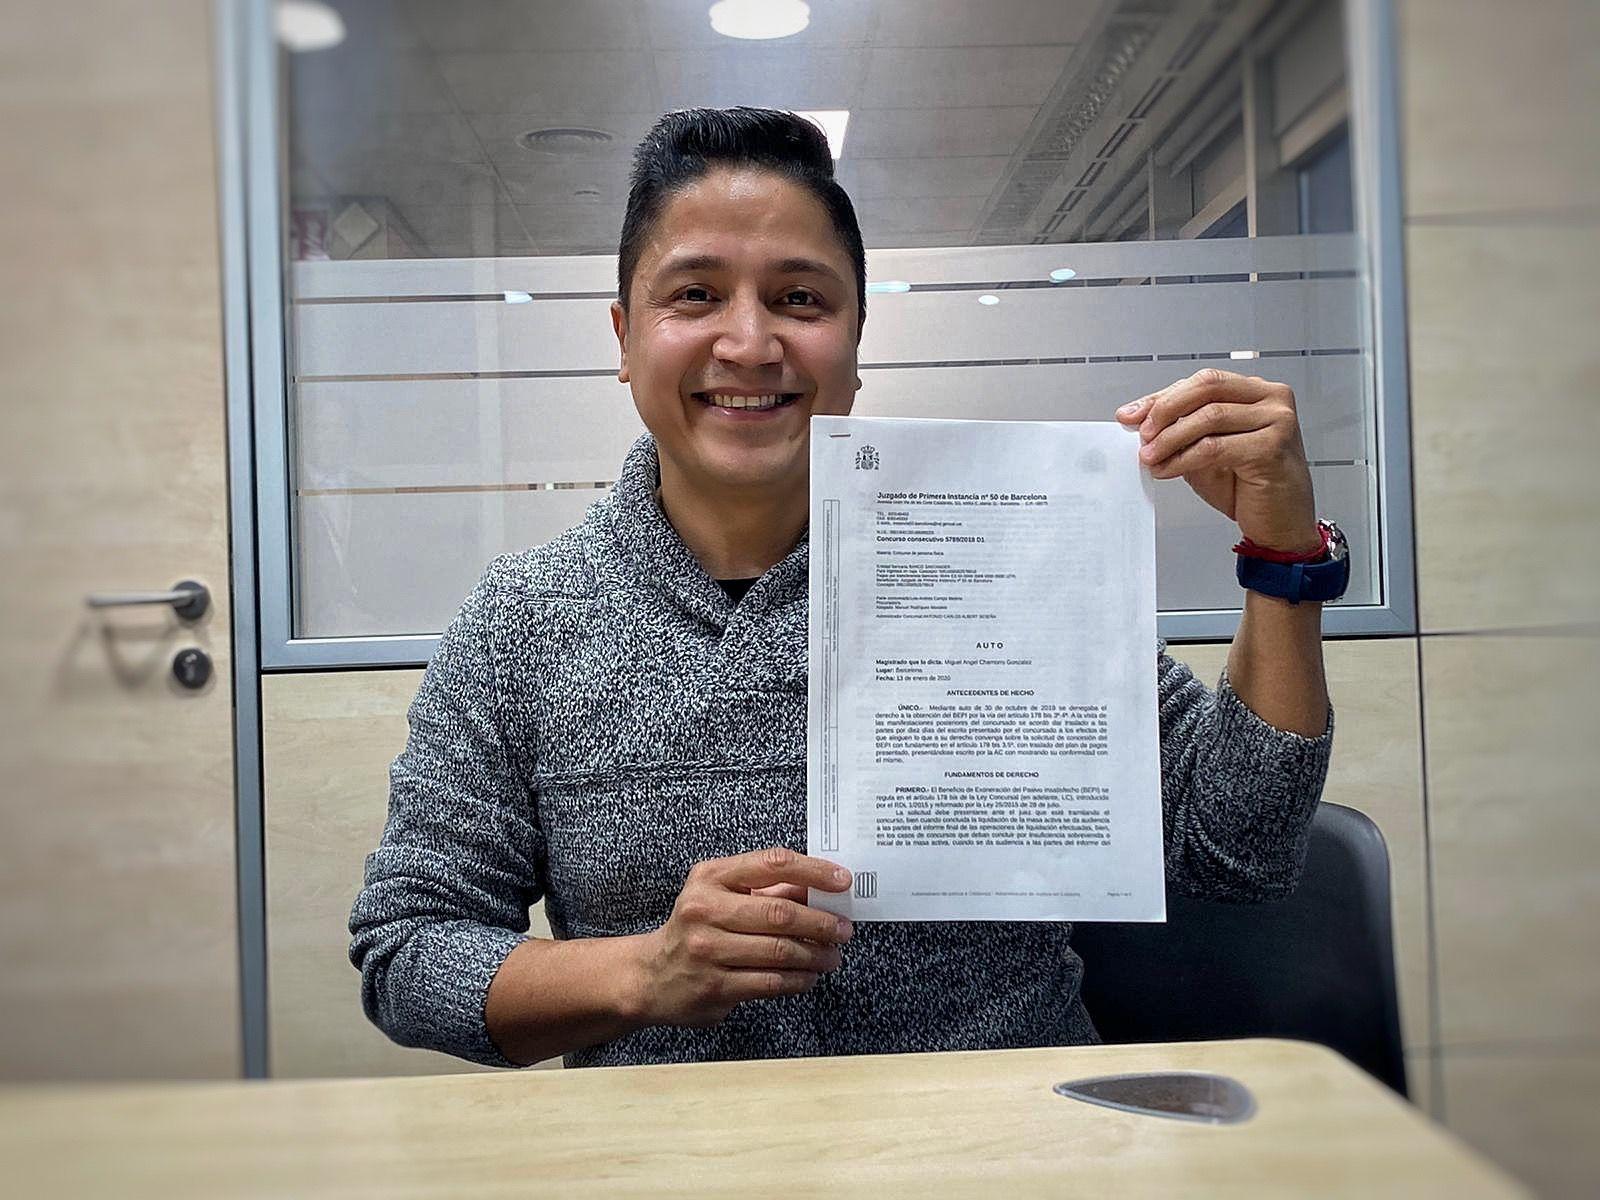 Repara tu deuda abogados cancelan 57.600 eur a un hombre de Barcelona con la Ley de la Segunda Oportunidad